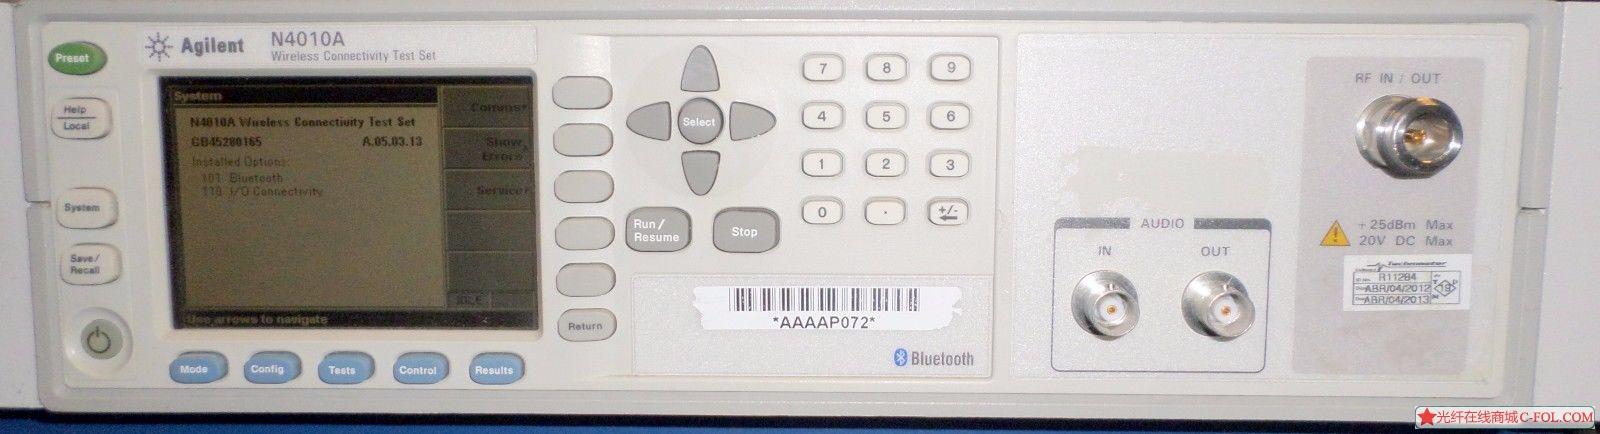 安捷伦  N4010A 无线连接测试仪